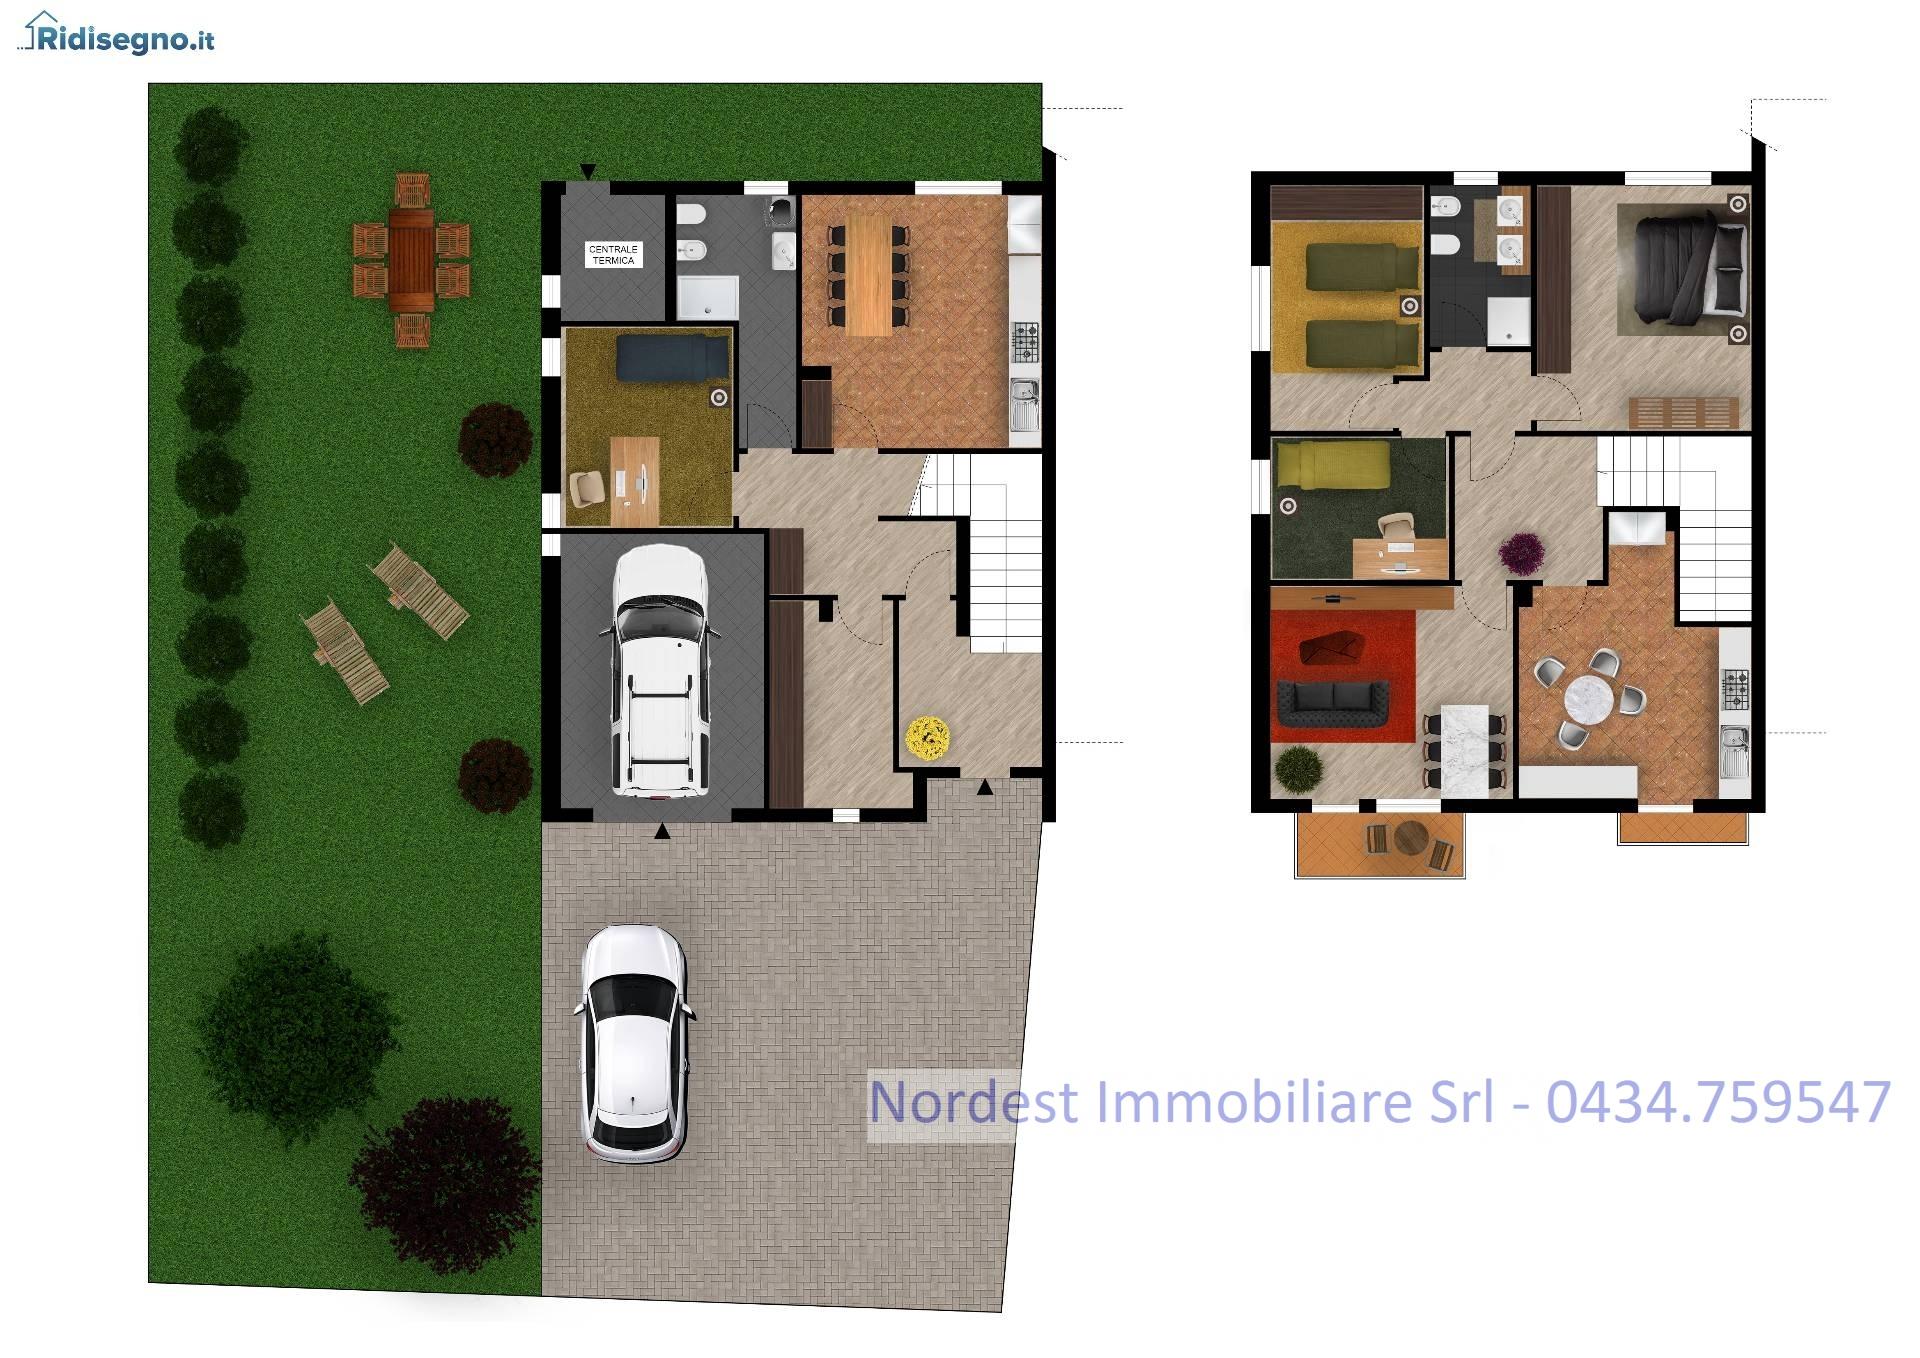 Villa Bifamiliare in vendita a Gaiarine, 5 locali, prezzo € 175.000 | CambioCasa.it